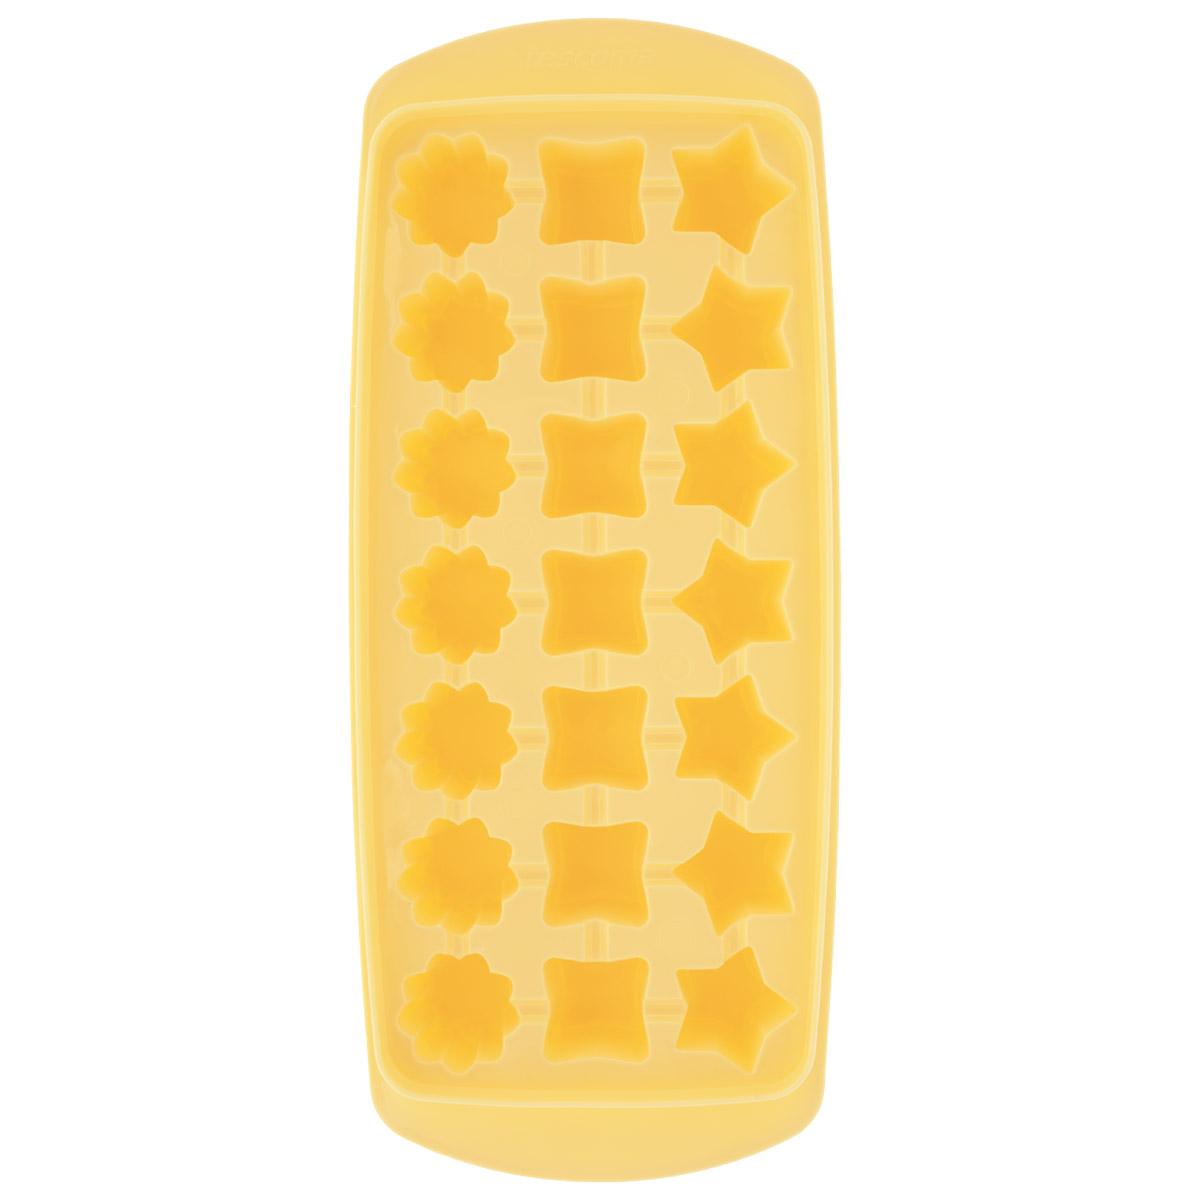 """Форма для льда Tescoma """"Presto"""" выполнена из прочного пластика. За один раз вы можете приготовить 21 кубик  льда в форме звездочки, квадратика или цветочка. Теперь на смену традиционным квадратным пришли новые  оригинальные формы для приготовления фигурного льда, которыми можно не только охладить, но и украсить  любой напиток. В формочки при заморозке воды можно помещать ягодки, такие льдинки не только оживят  коктейль, но и добавят радостного настроения гостям на празднике!Общий размер формы: 27 см х 11,5 см х 3  см. Средний размер ячейки: 2,5 см х 2,5 см. Количество ячеек: 21 шт."""